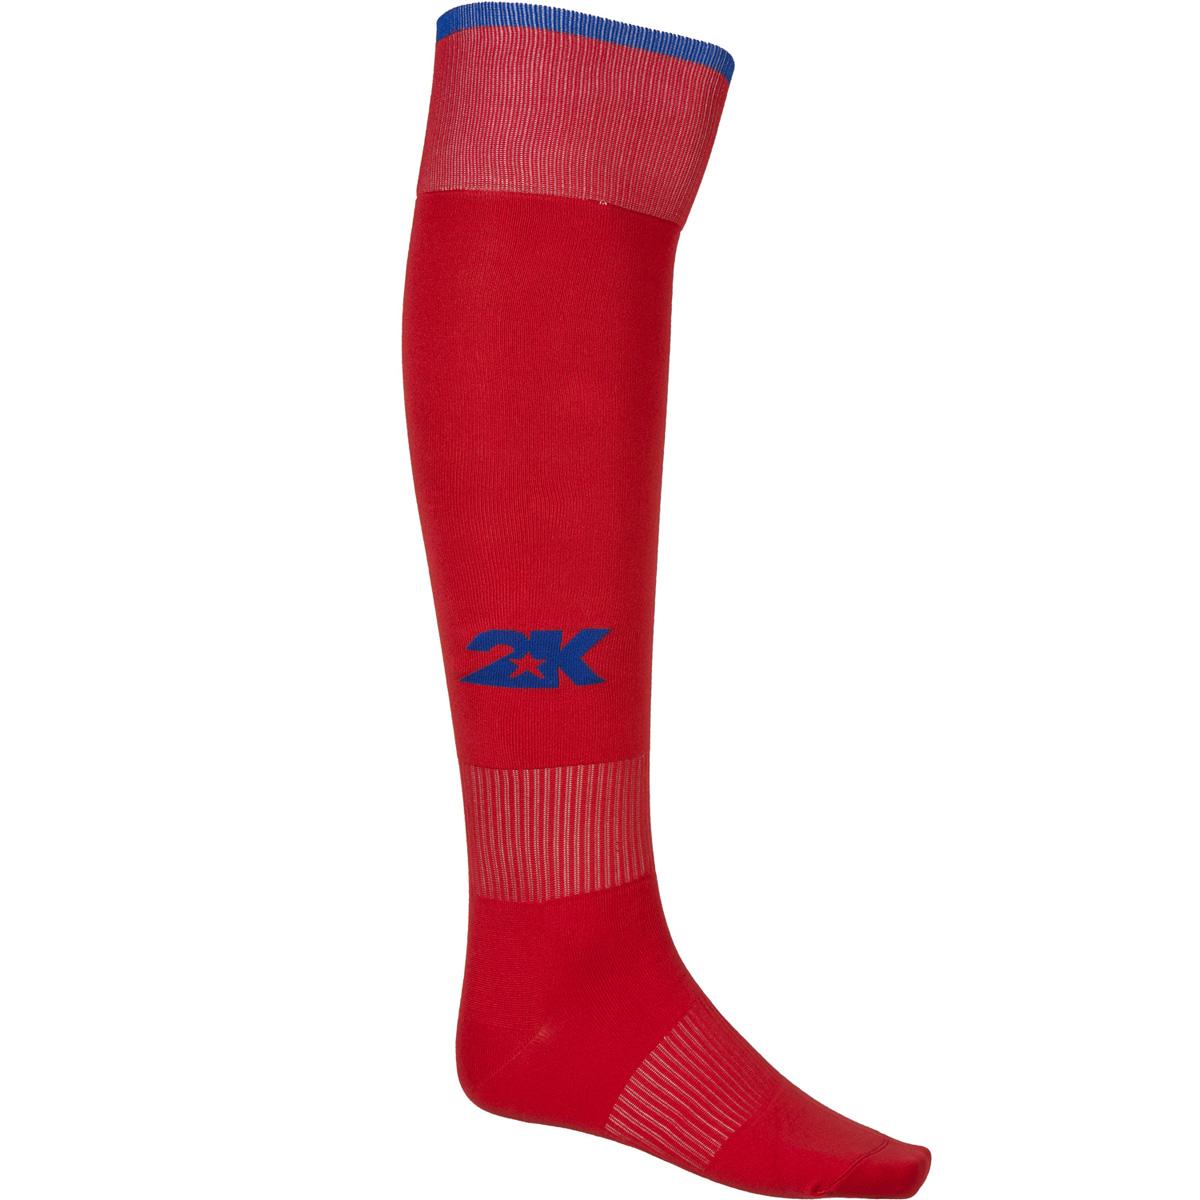 Гетры футбольные 2K Sport Classic, цвет: красный, синий. 120334. Размер 41/46120334_red/royalКлассические футбольные гетры выполнены из высококачественного материала. Оформлены логотипом бренда.